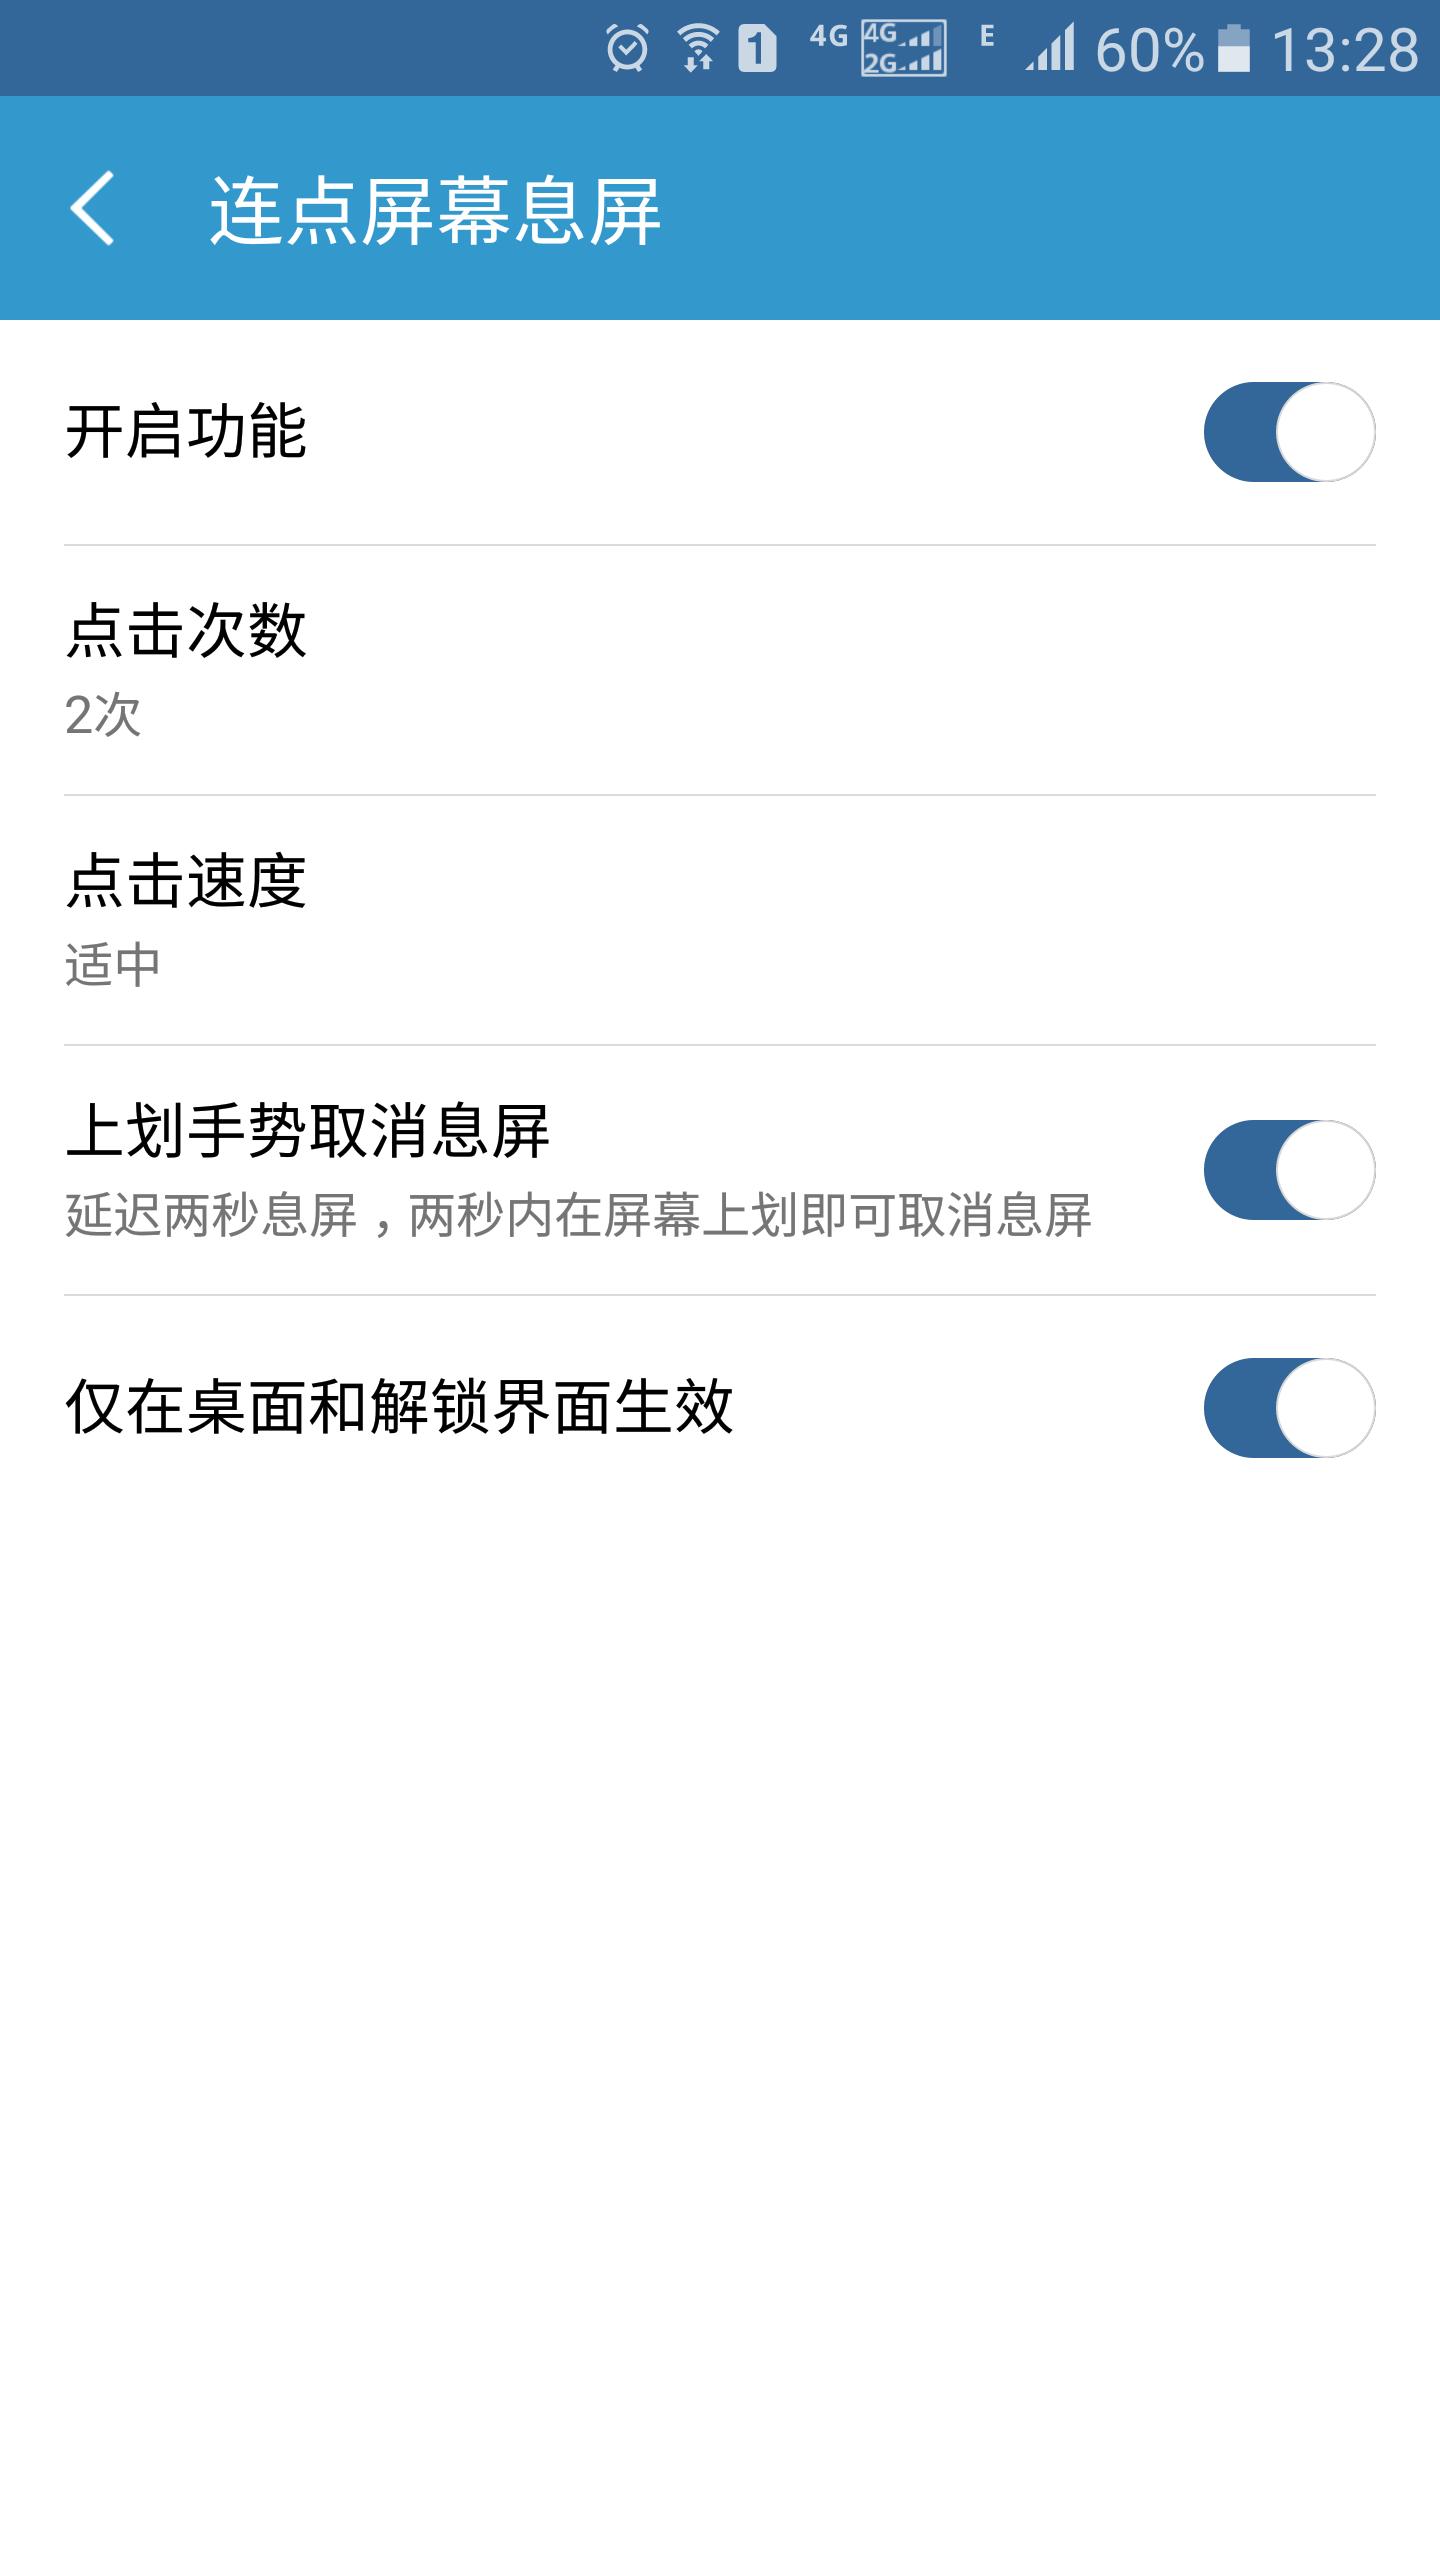 轻息屏 V2.3.7 安卓版截图3